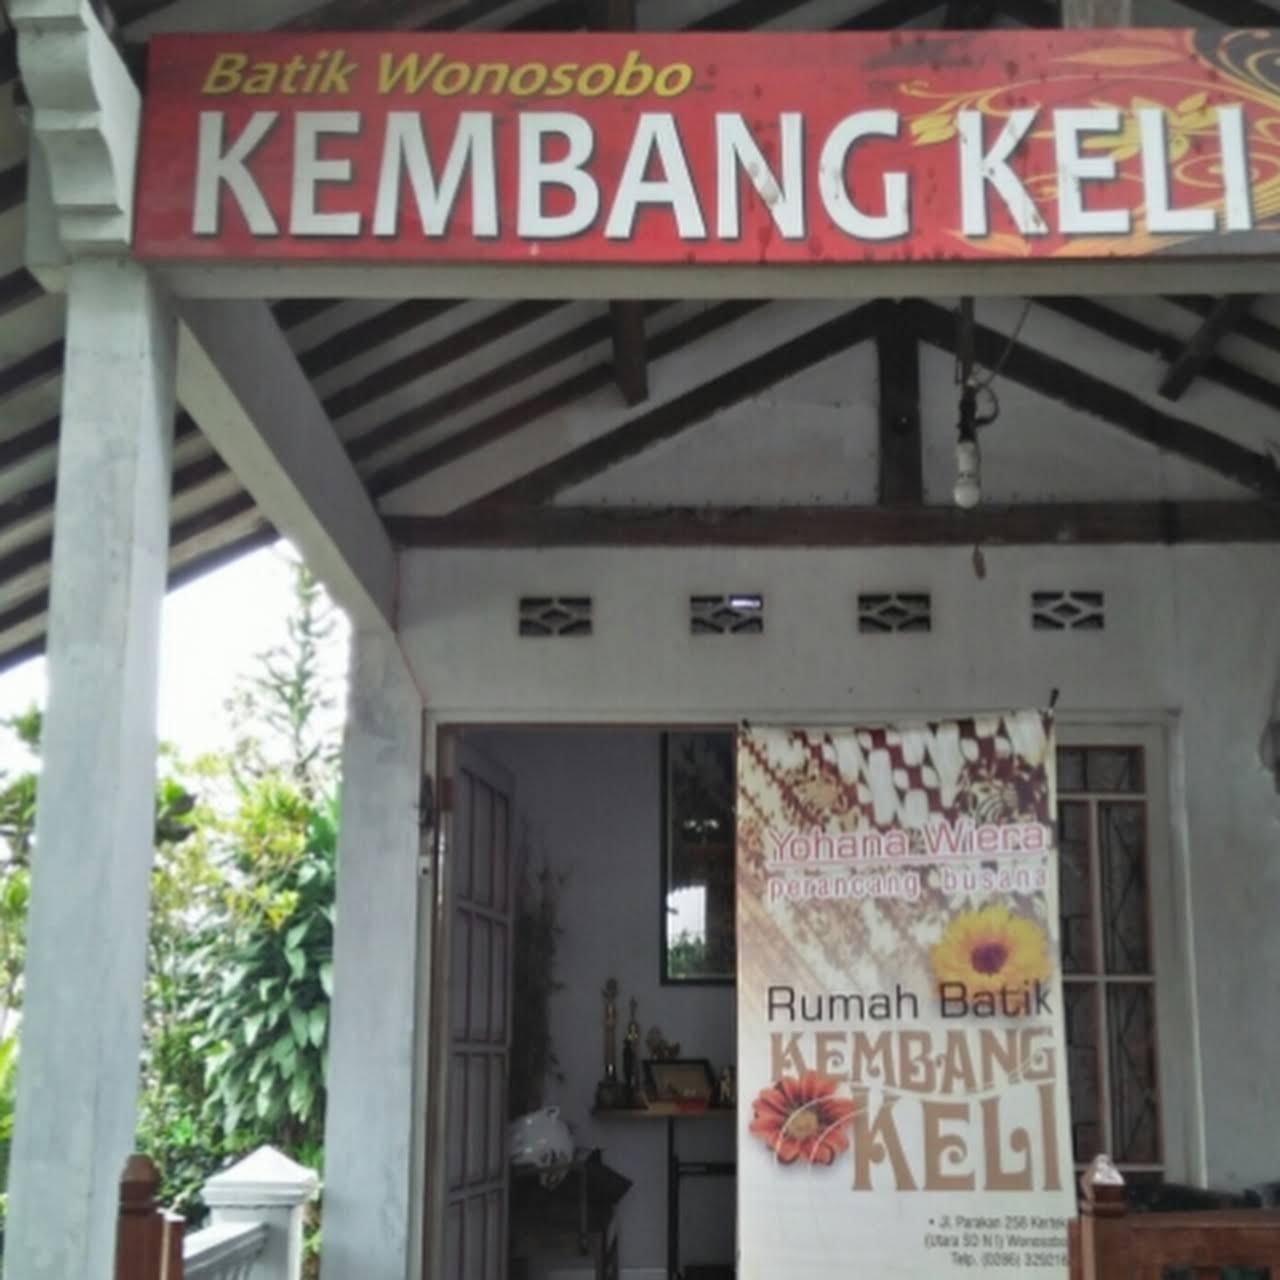 64 Gambar Batik Wonosobo Paling Keren